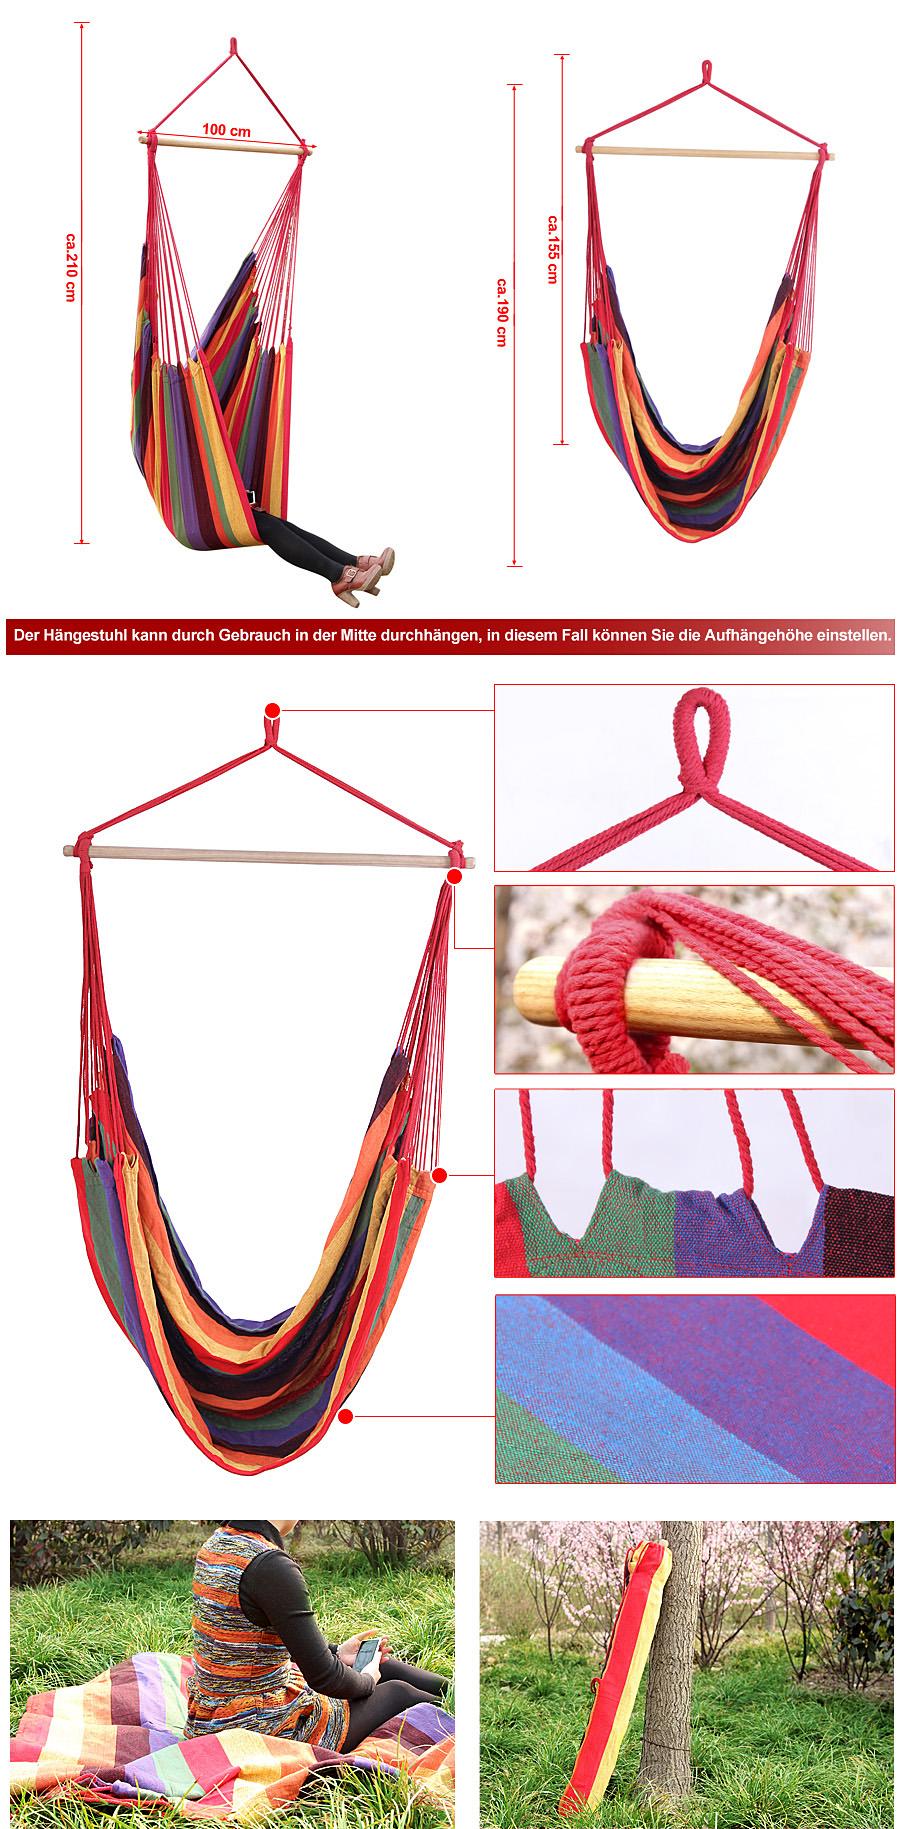 songmics 185x125 h ngematte h ngesitz h ngesessel. Black Bedroom Furniture Sets. Home Design Ideas